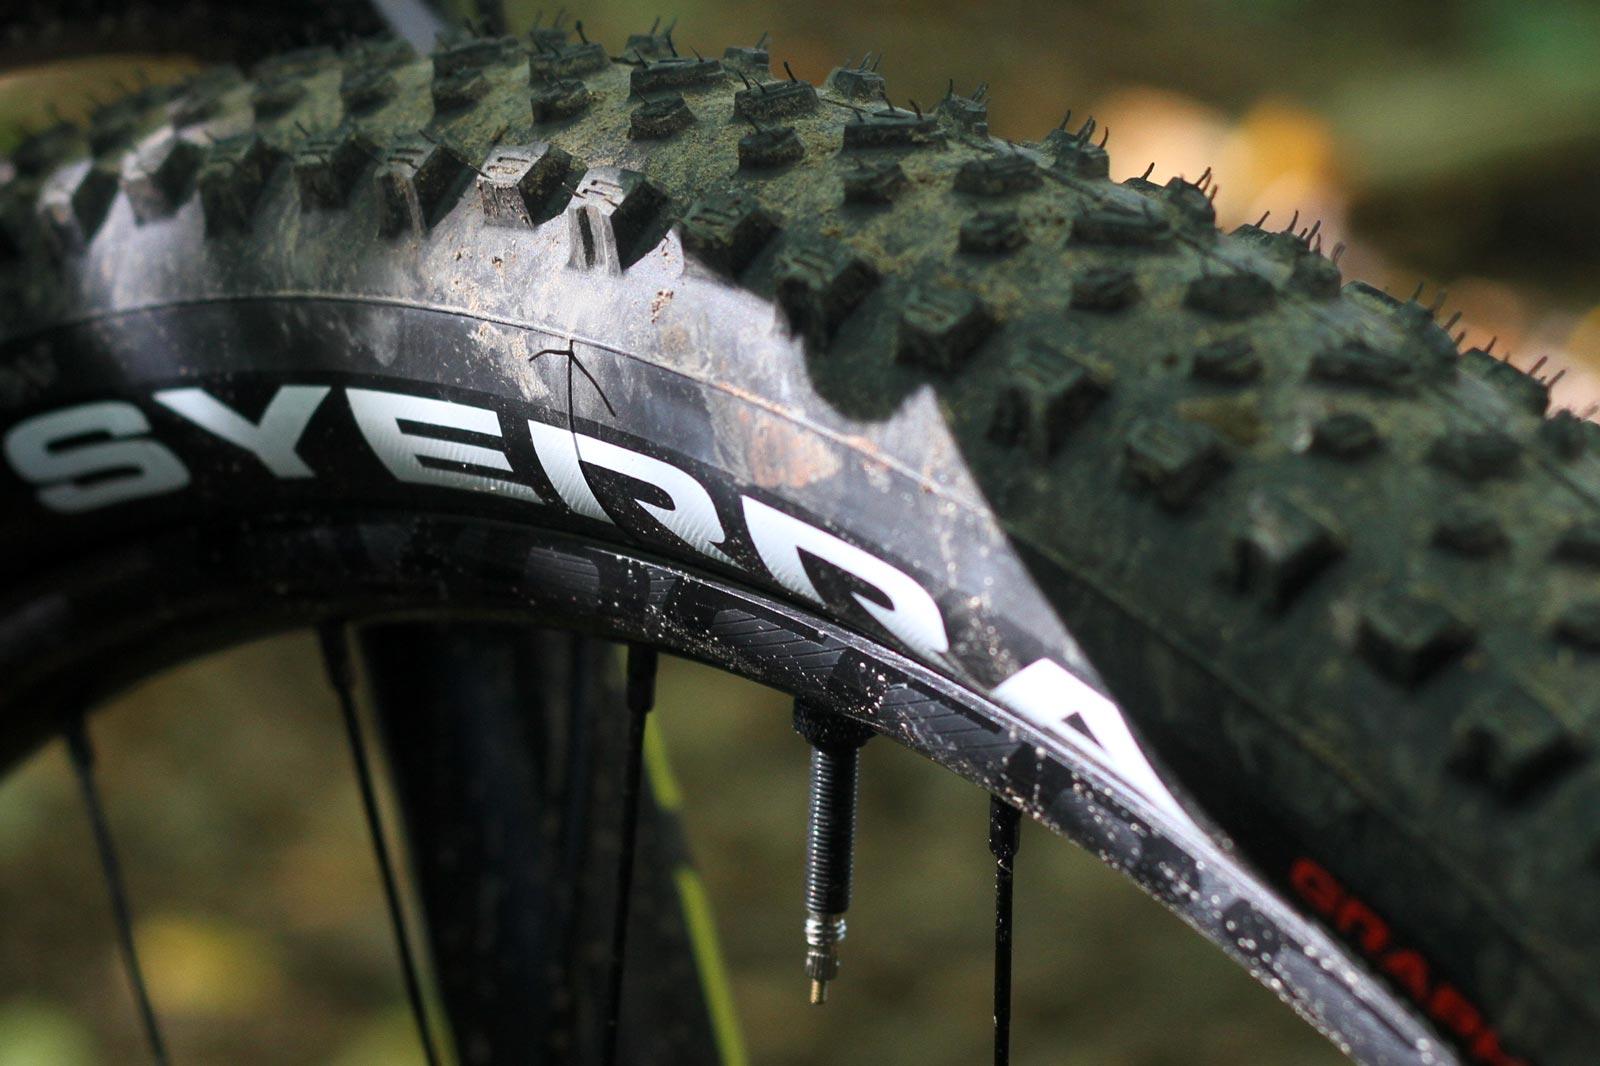 फर्स्ट राइड रिव्यू: Vittoria Syerra Downcountry Tyre आक्रामक XC . के लिए एक अच्छा अपग्रेड है